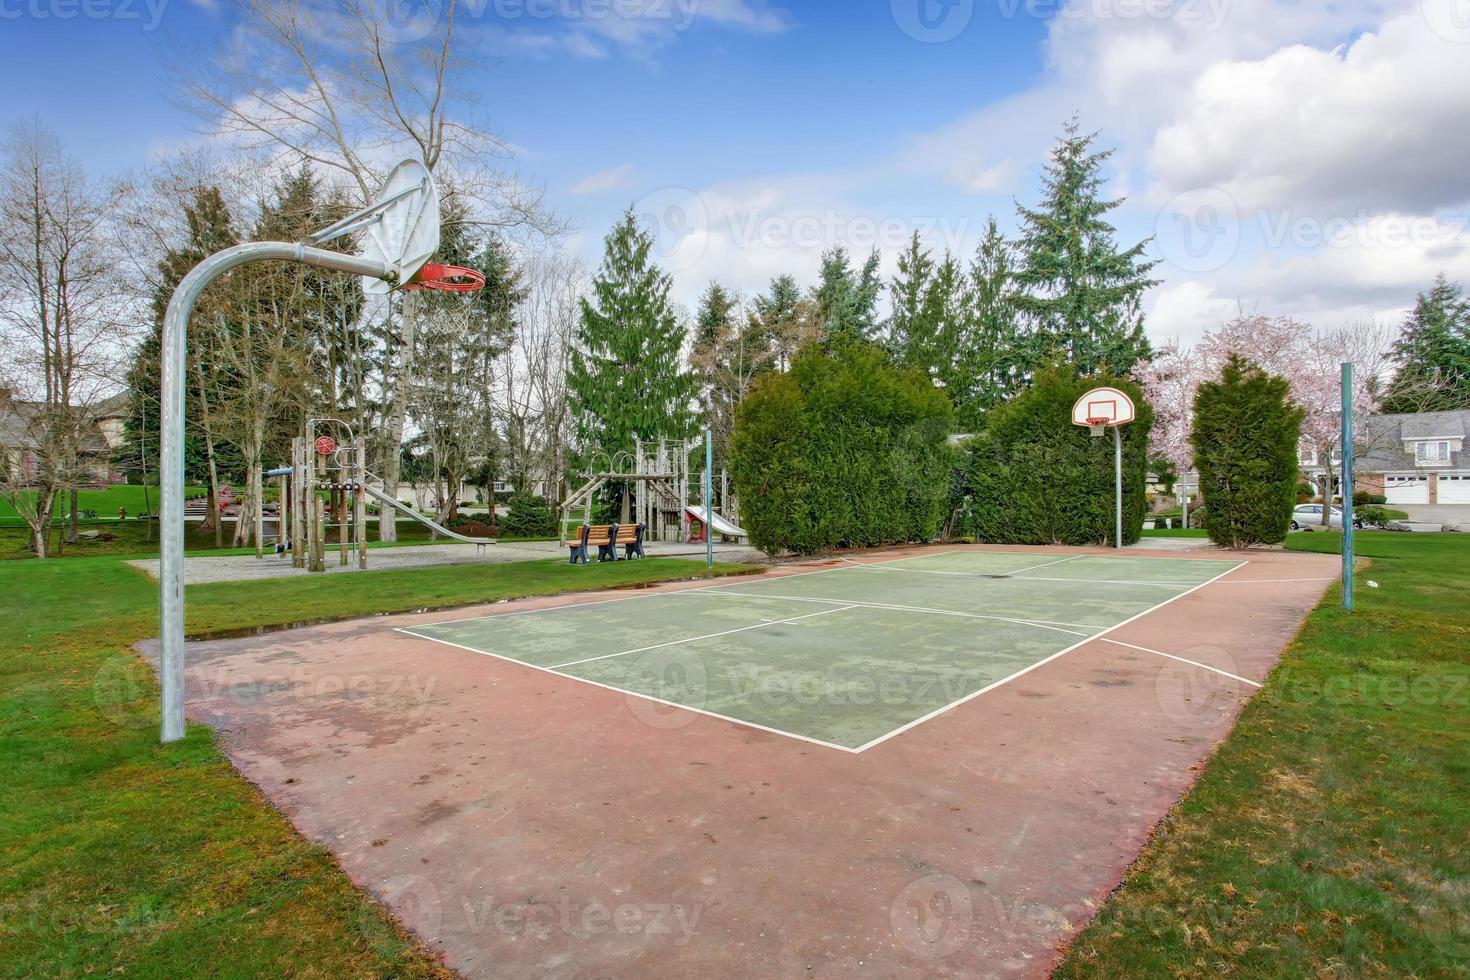 campo da basket e parco giochi per bambini foto